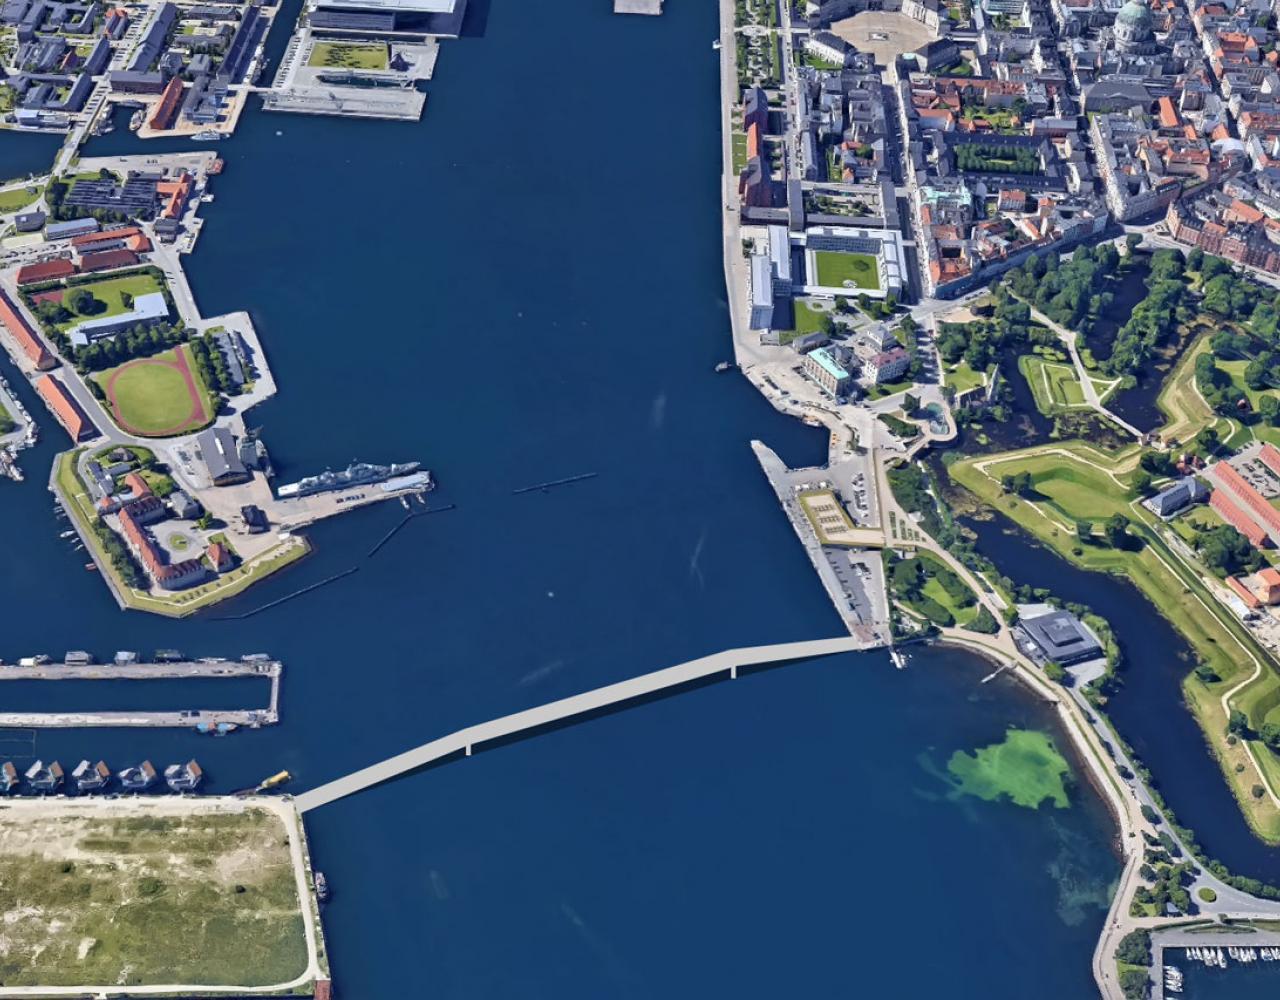 Nordre Toldbod bro refshaleøen